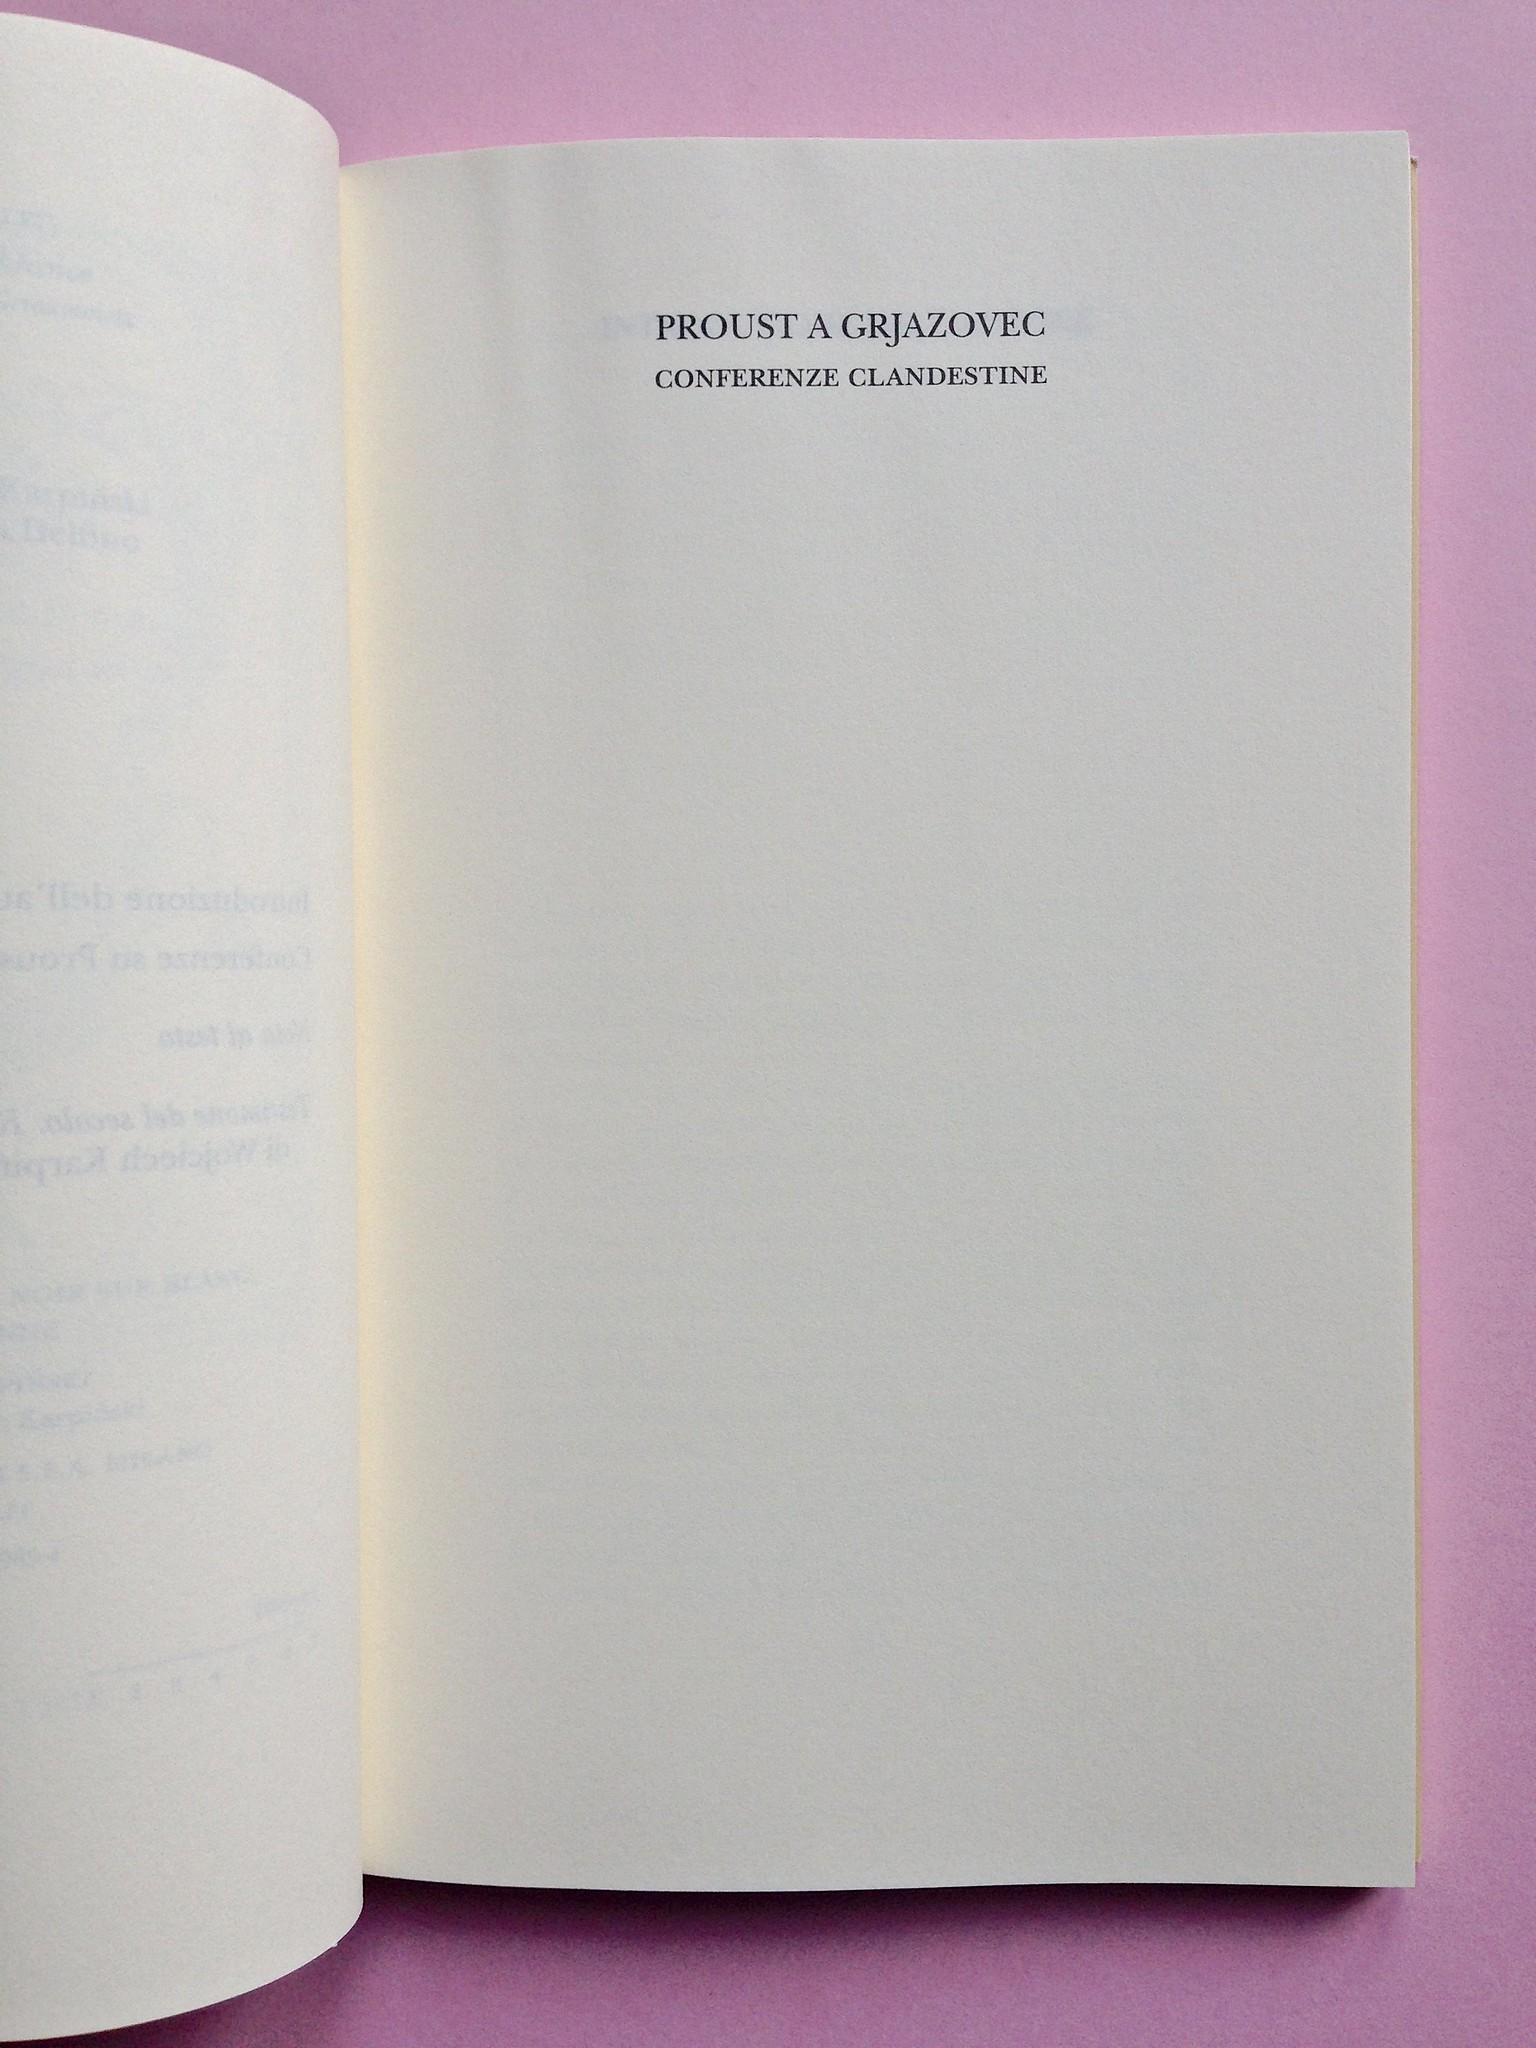 Proust a Grjazovec, di Józef Czapski. Adelphi 2015. Resp. grafica non indicata. Pagina del titolo, a pag. 9 (part.), 1